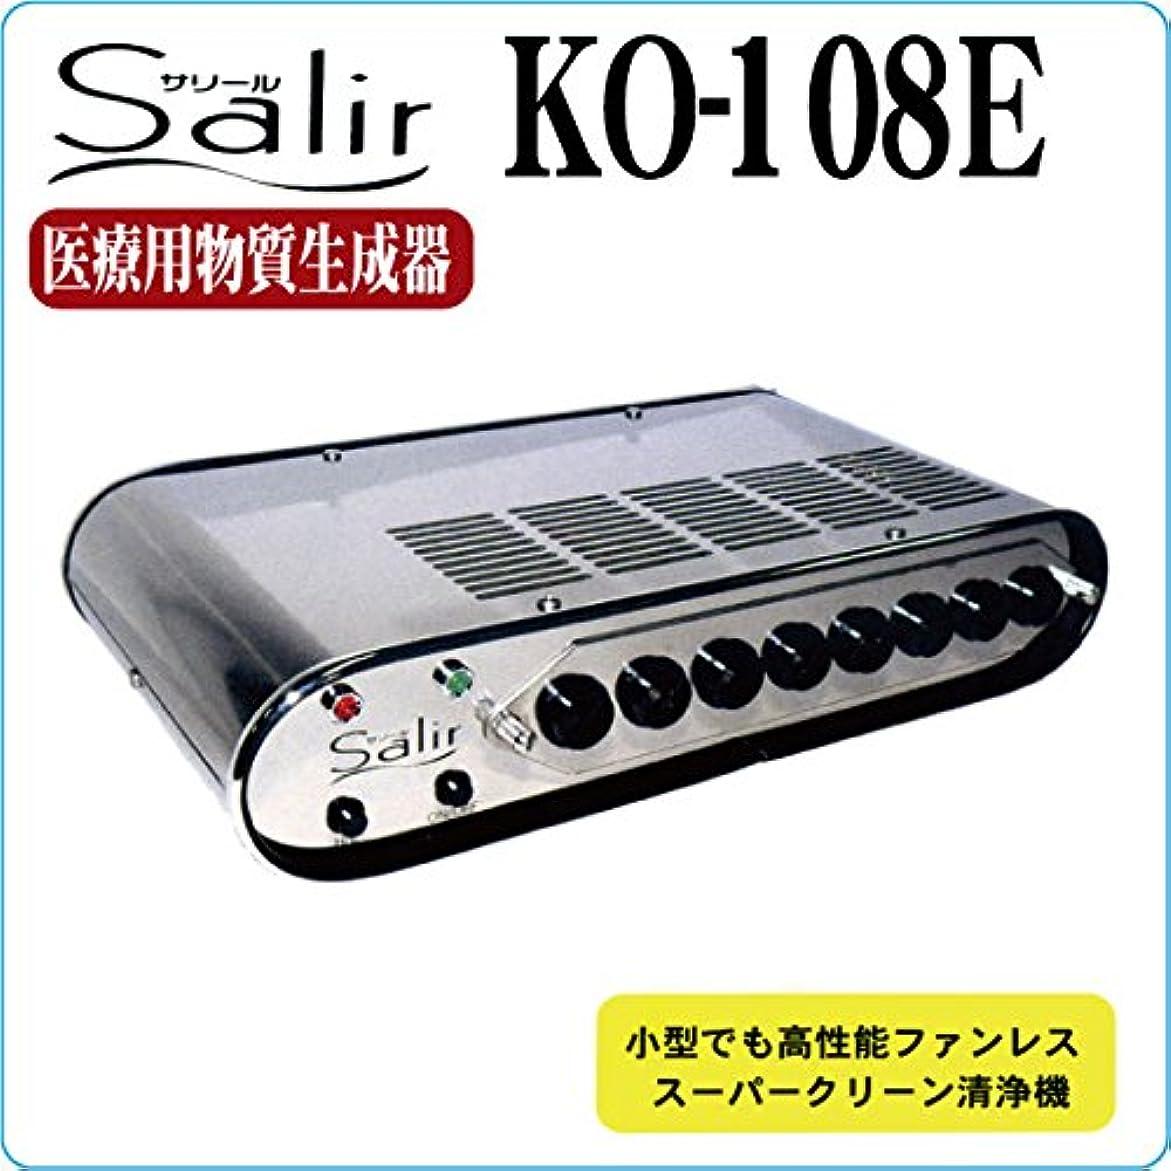 魅力的であることへのアピール見つけた平和な空気清浄活性器 Salir サリール KO-108E